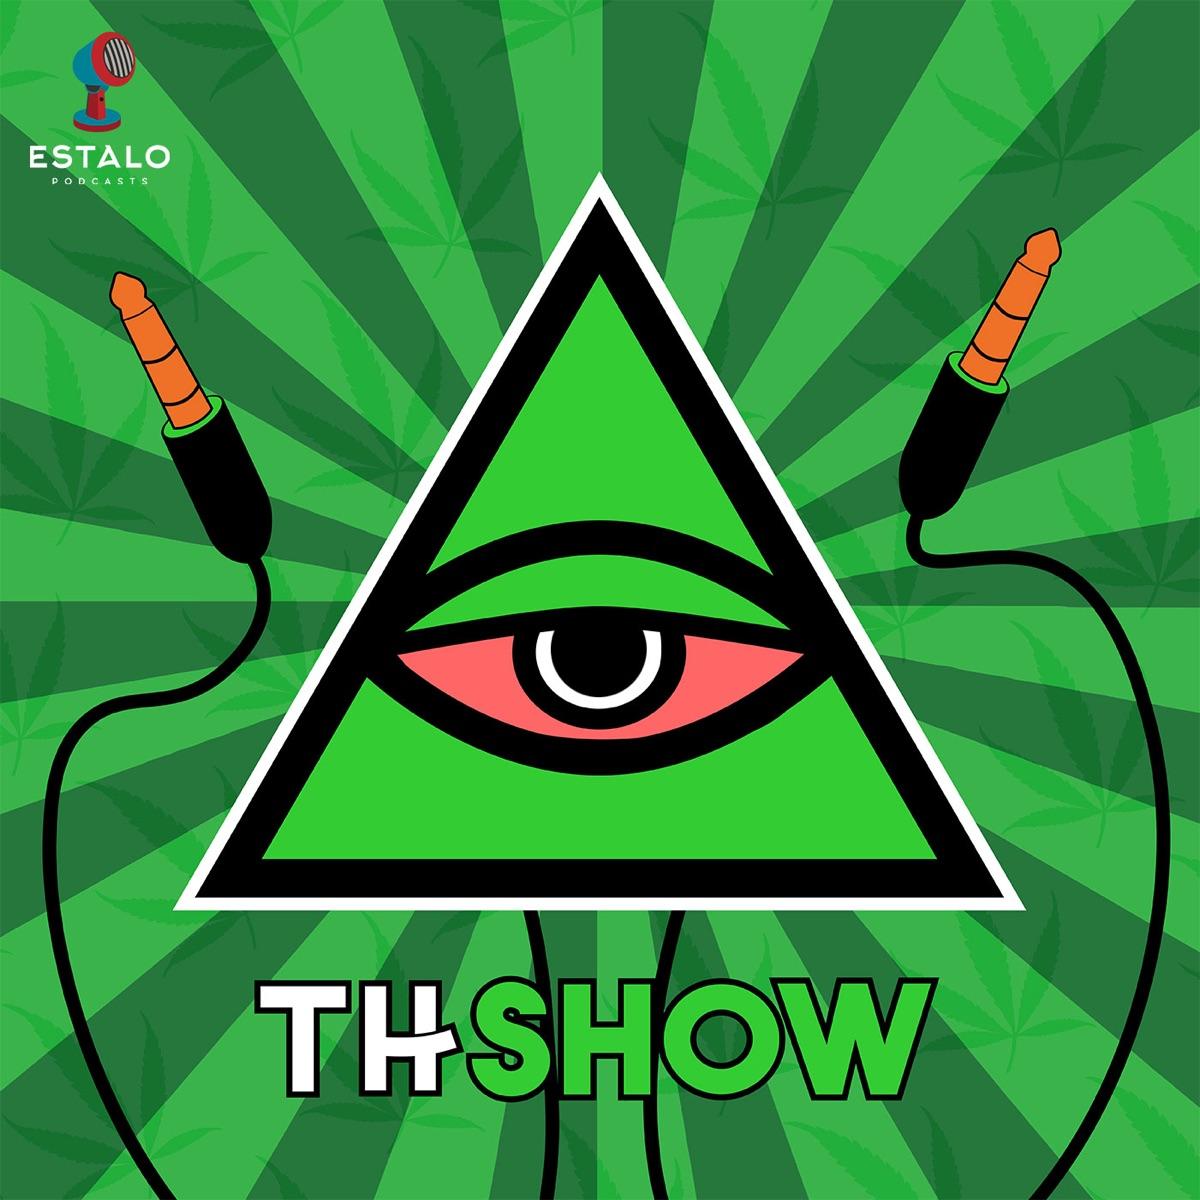 THShow